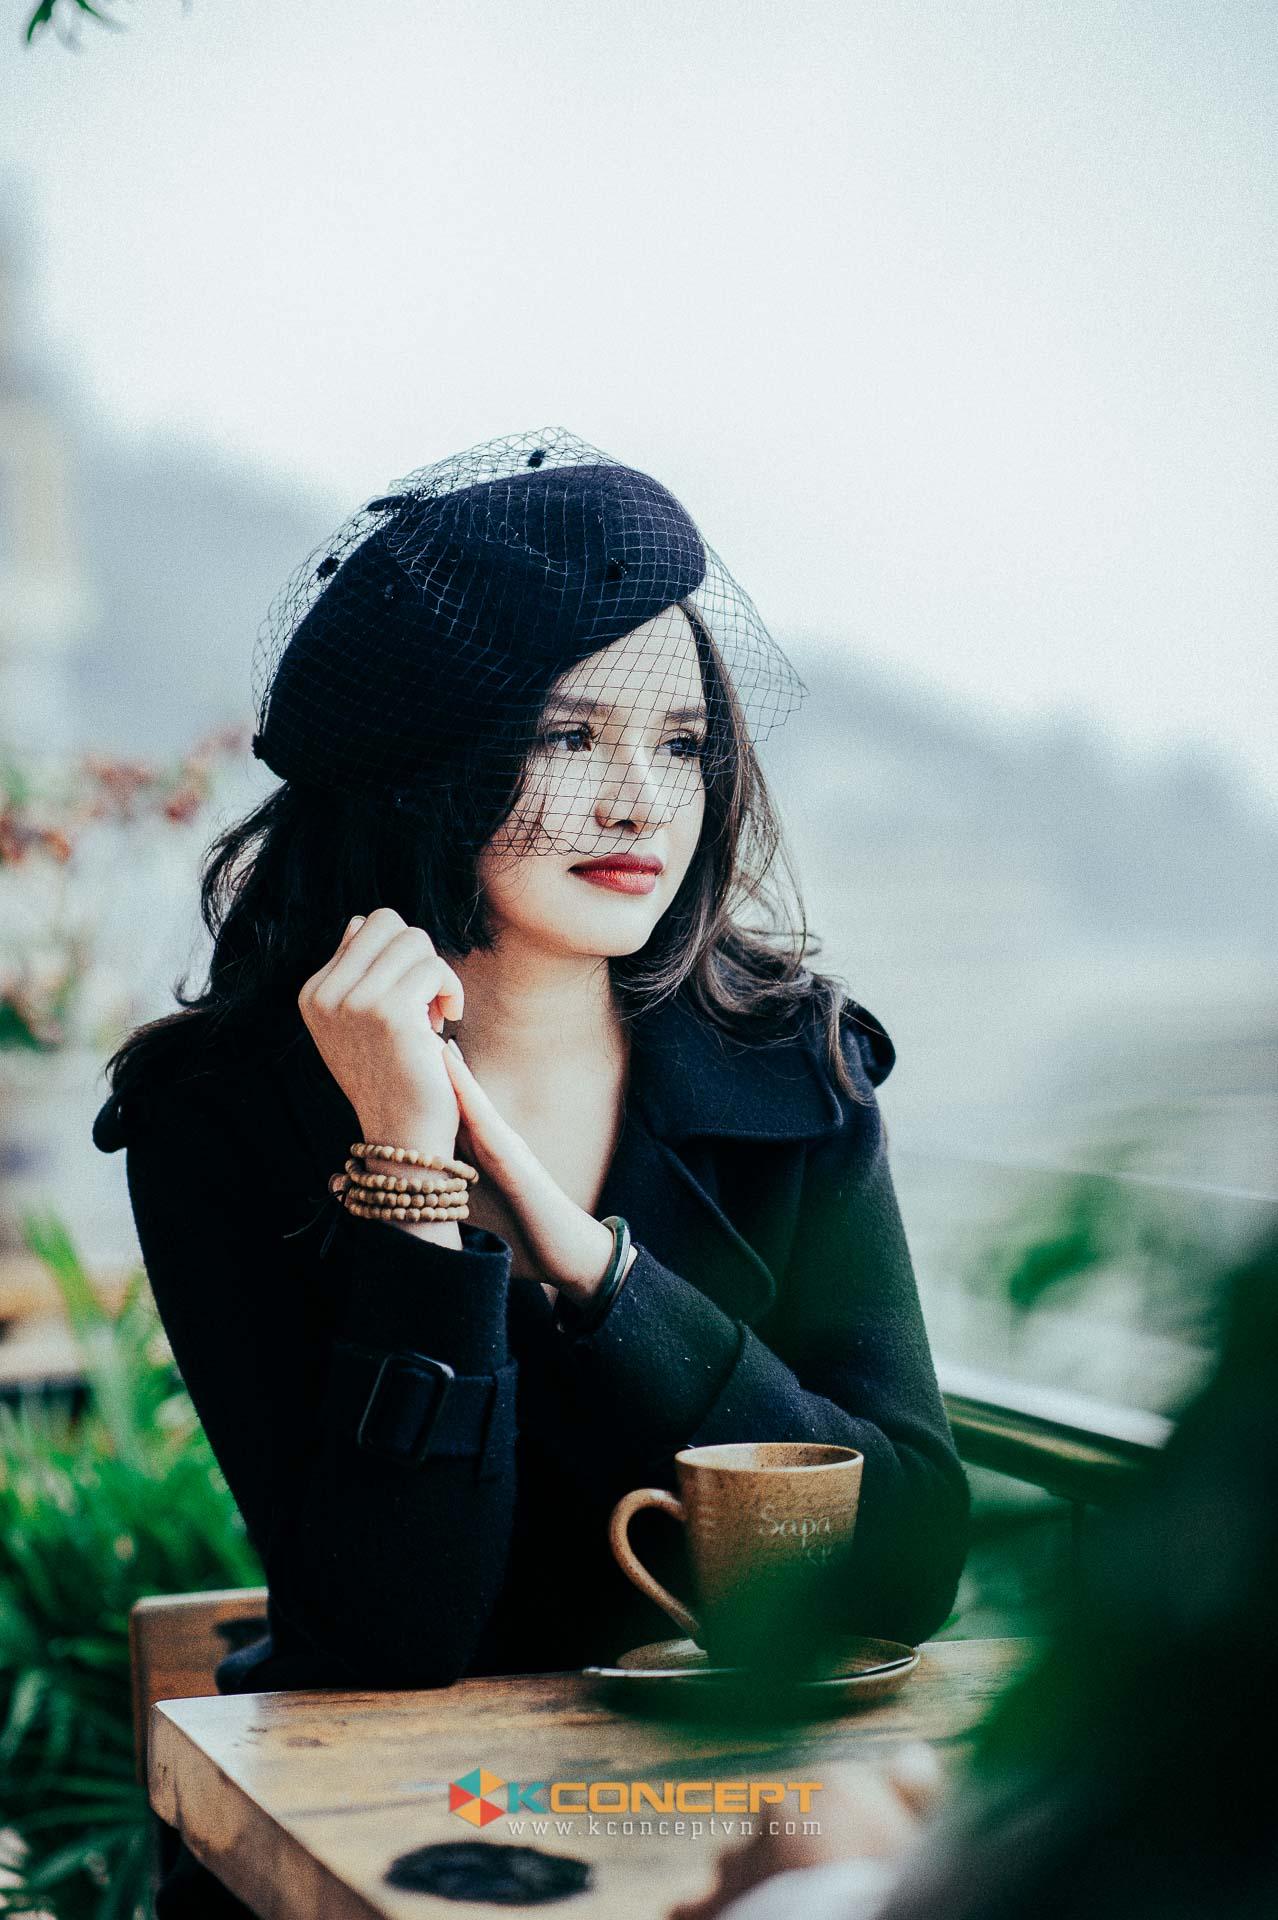 Hình ảnh về dự án chụp ảnh lifestyle khách sạn Châu Long Sapa